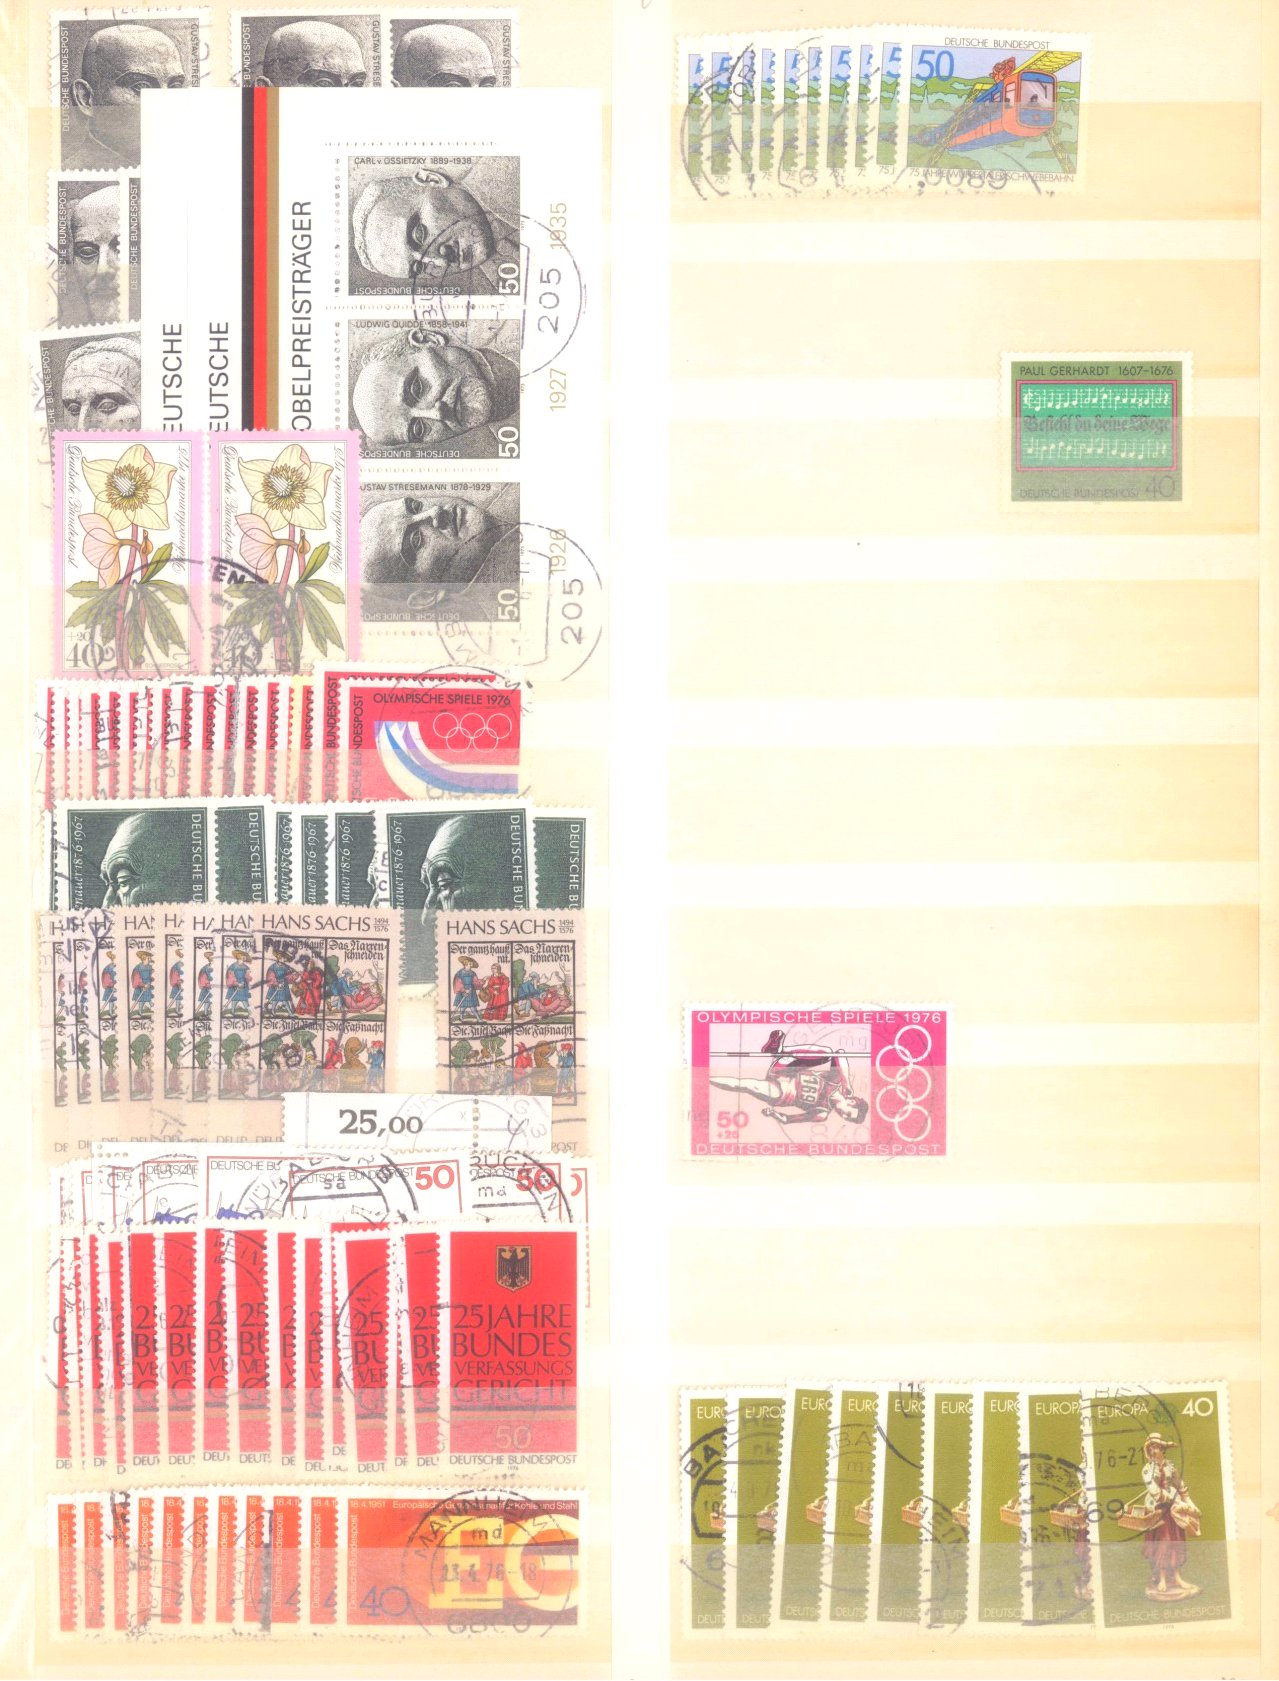 Mannheimer Briefmarkennachlass-6